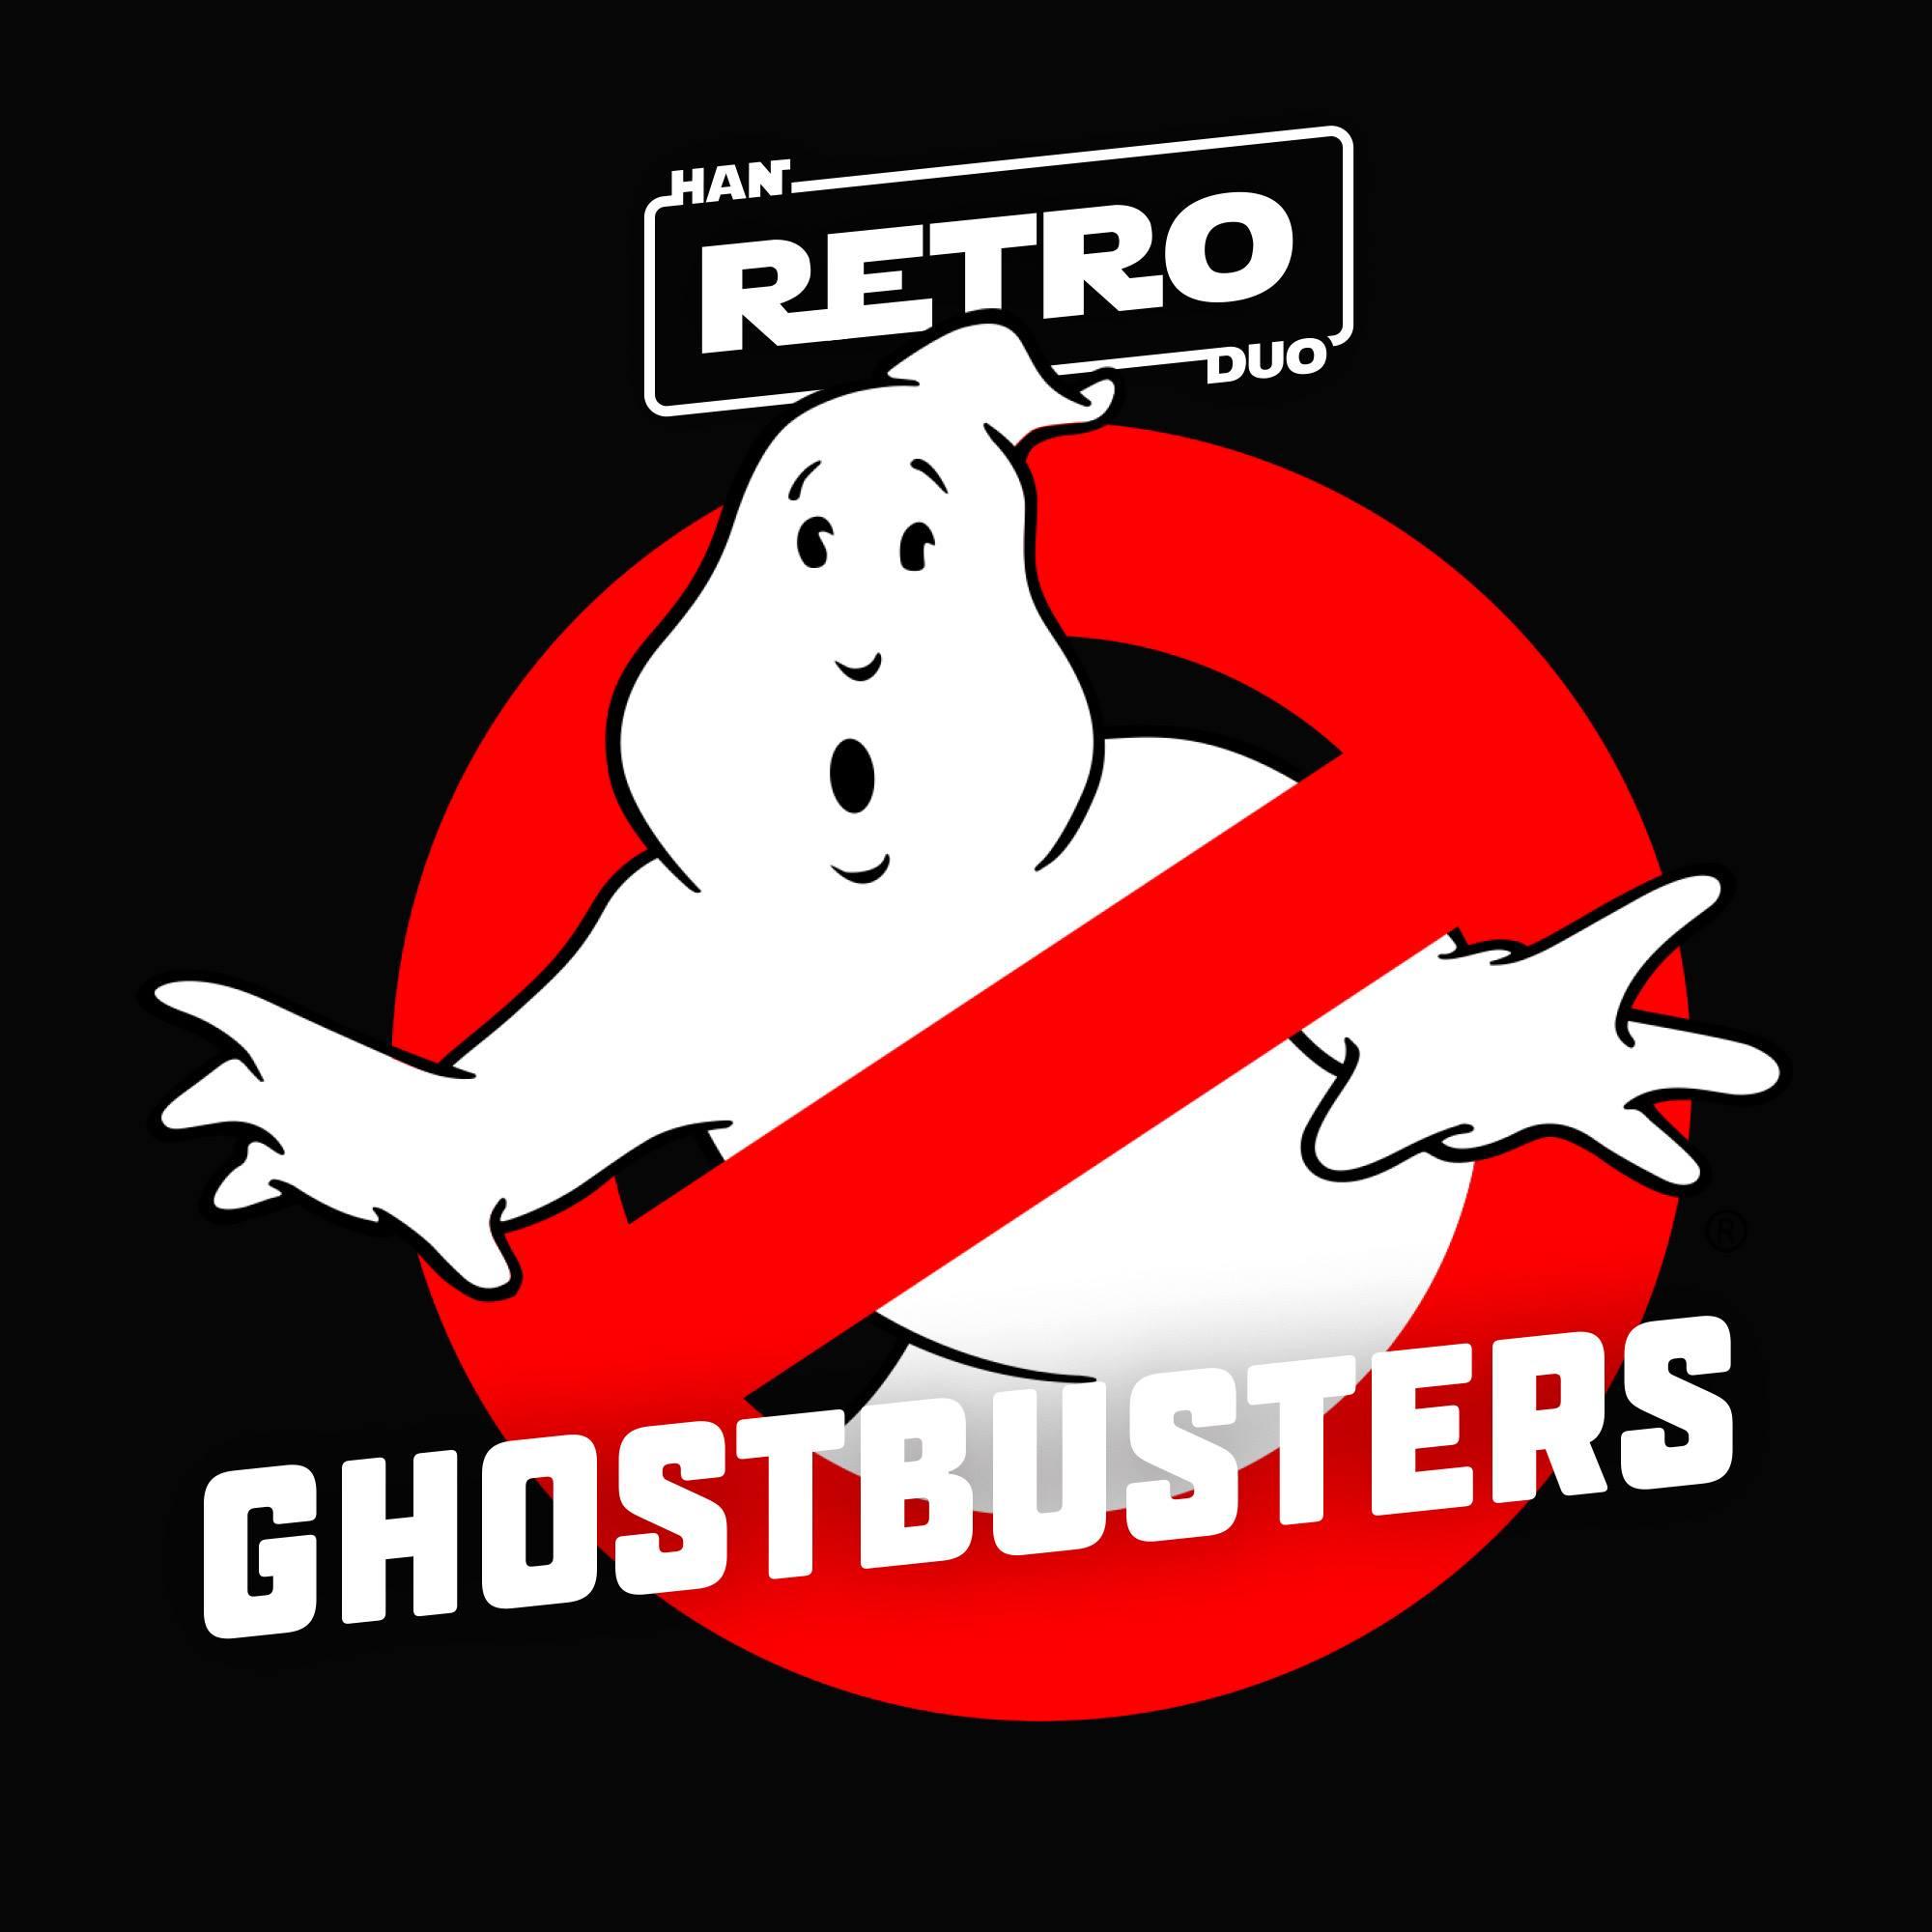 Han Duo Retro Rerun: Ghostbusters